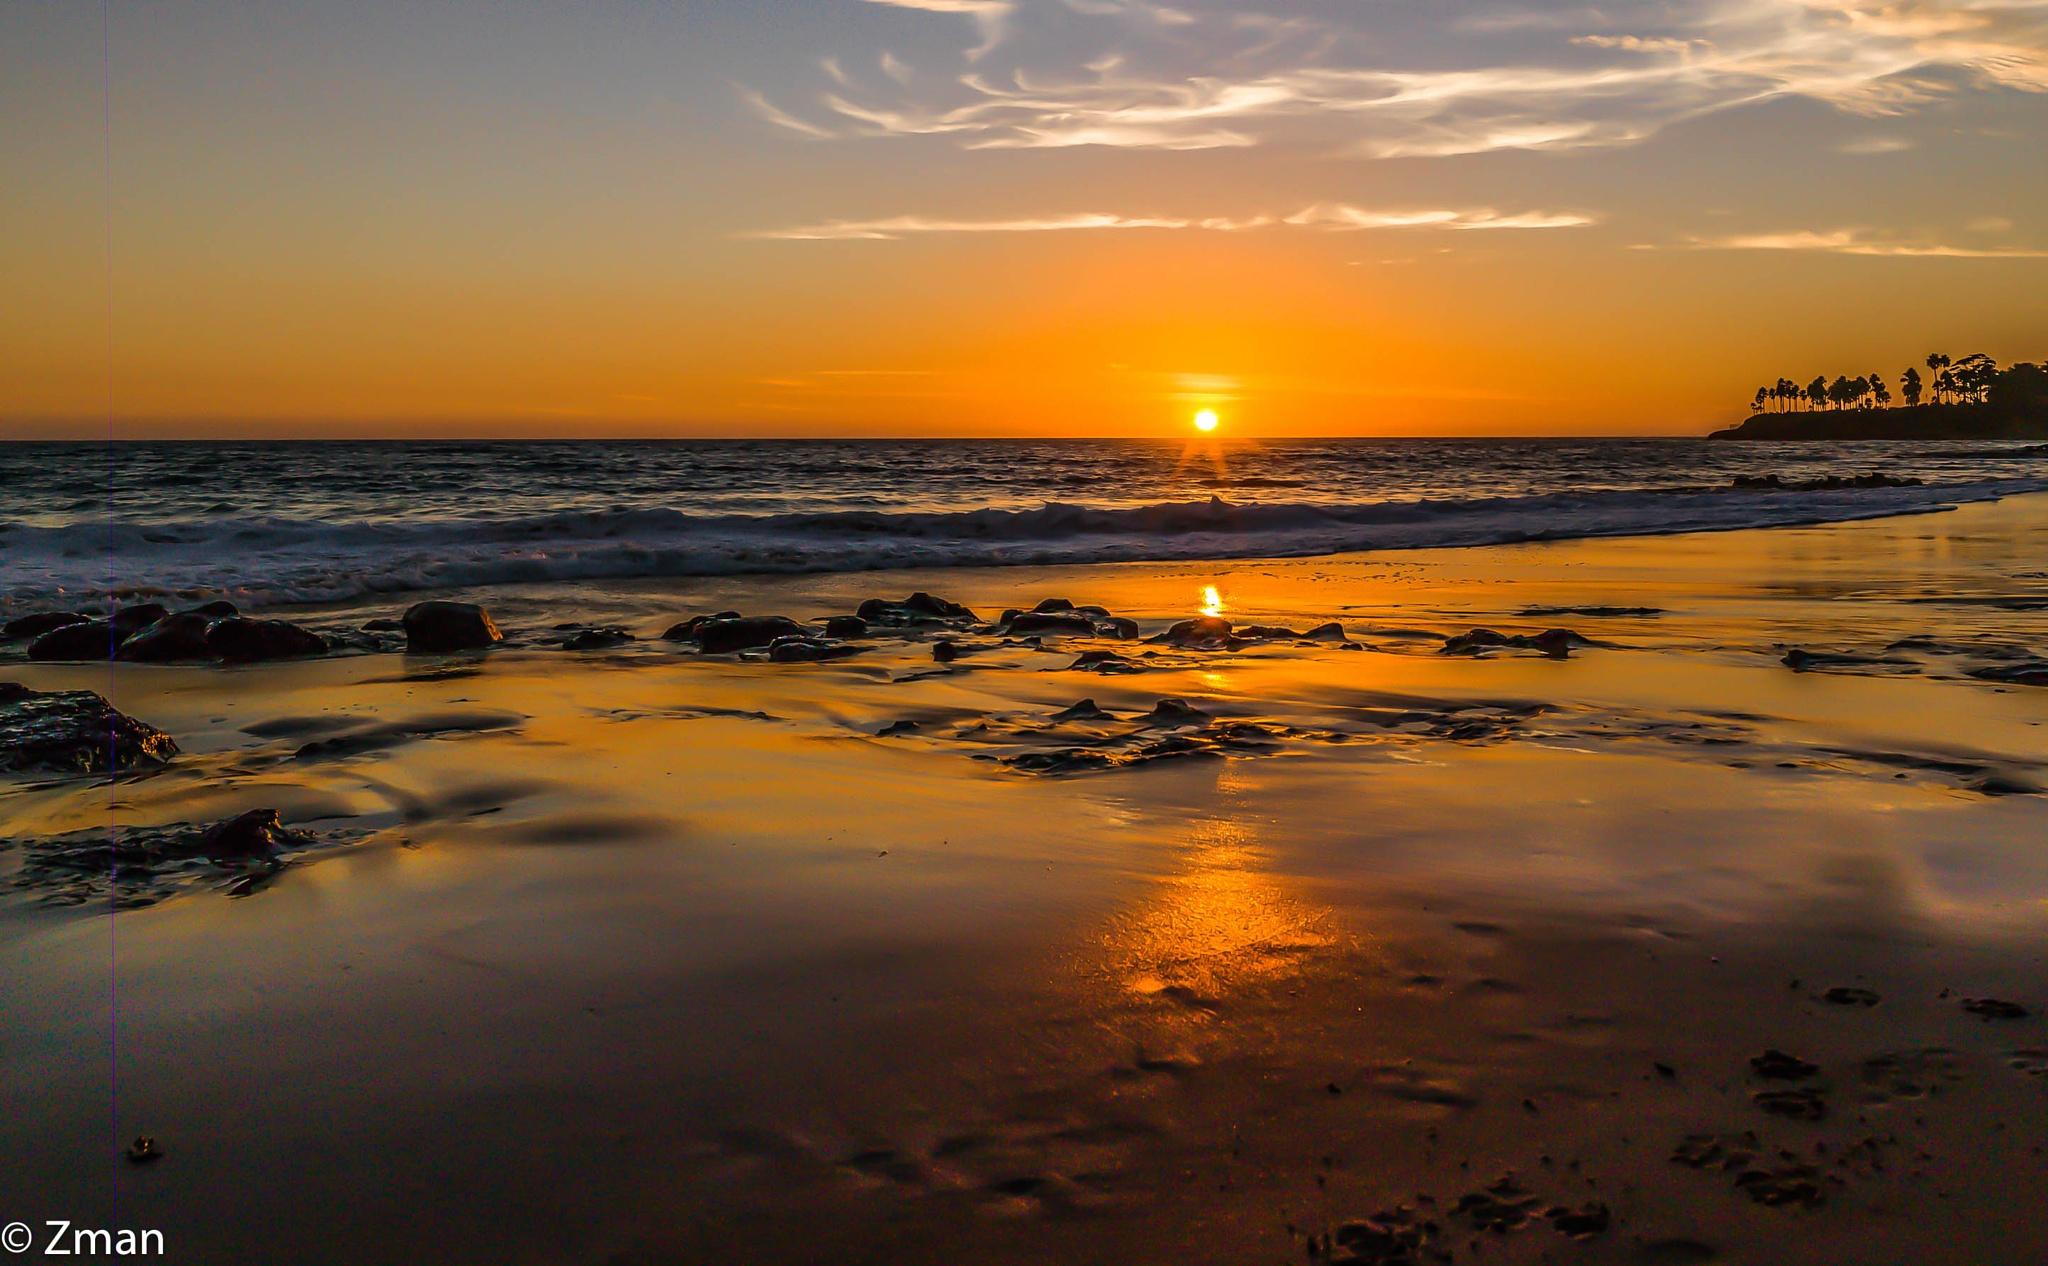 Laguna Beach U.S.A. 04 by muhammad.nasser.963